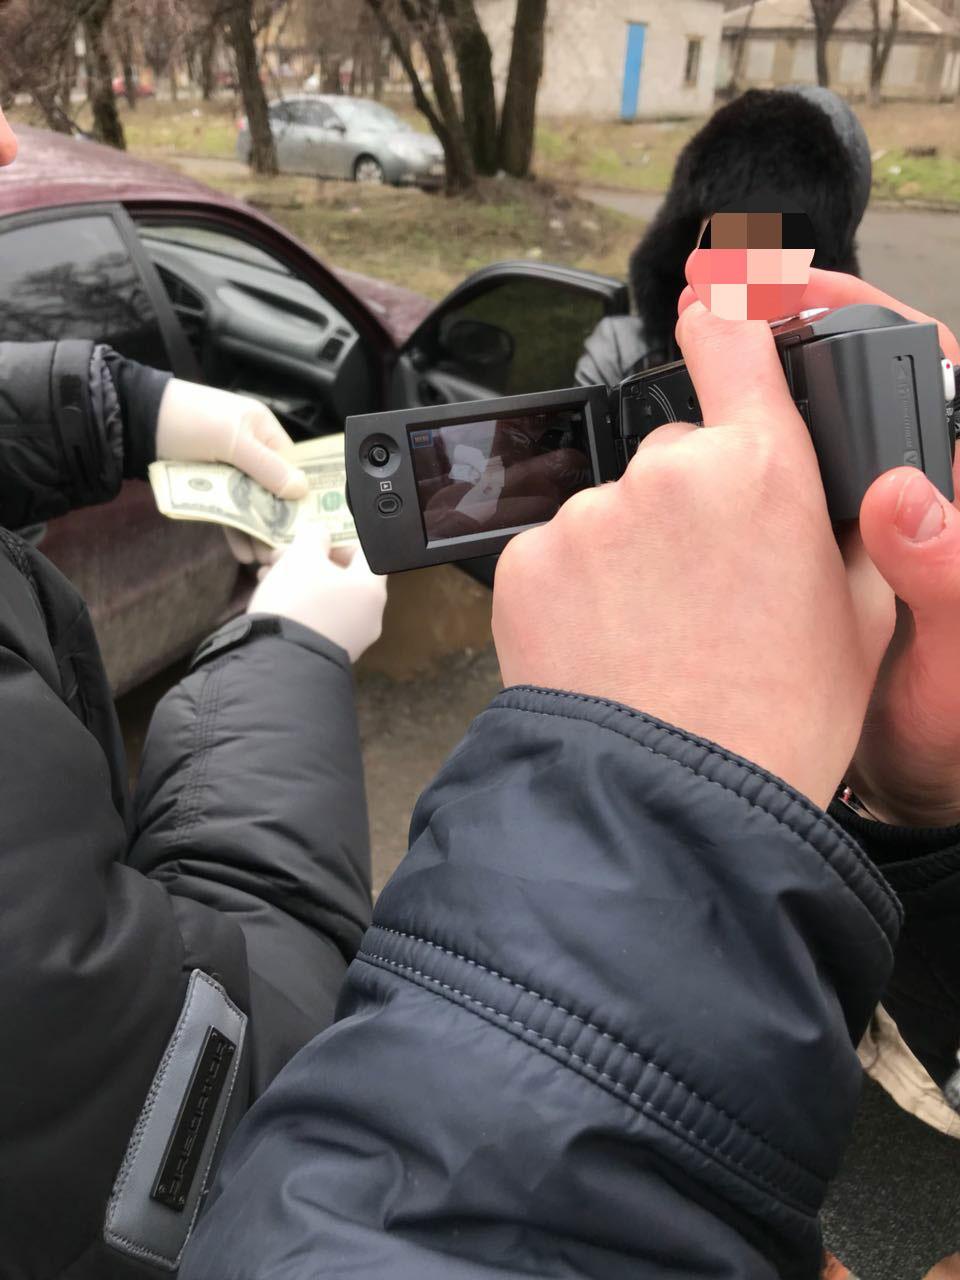 У Маріуполі на отриманні хабара у сумі 1000 доларів США викрито посадову особу Обласної медико-соціальної експертної комісії (ФОТО)